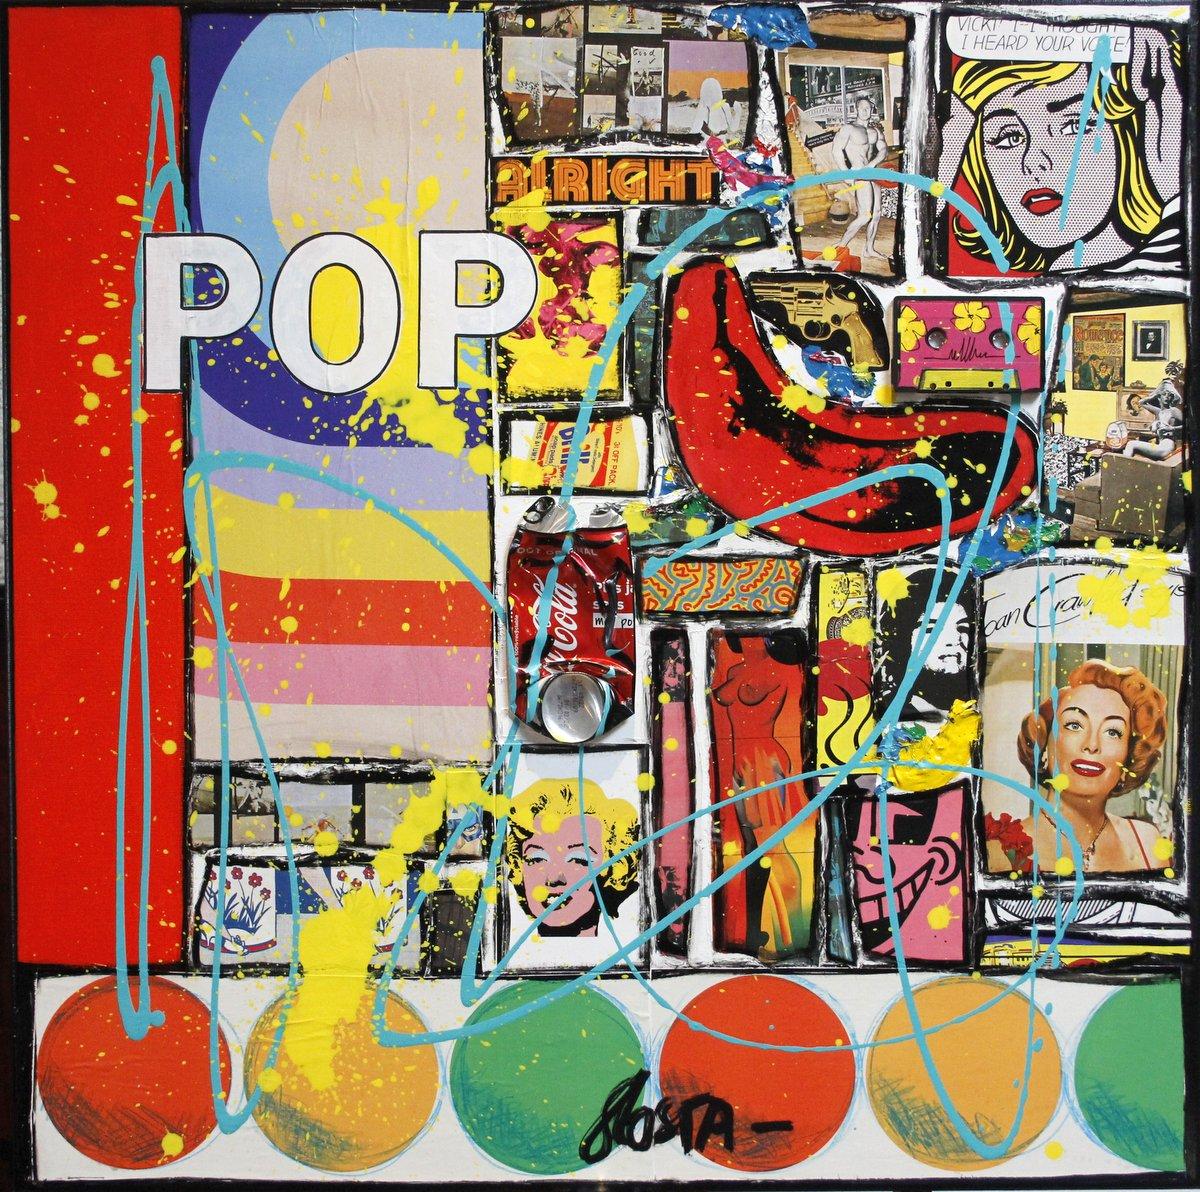 collage, pop art Tableau Contemporain, POP FOREVER. Sophie Costa, artiste peintre.